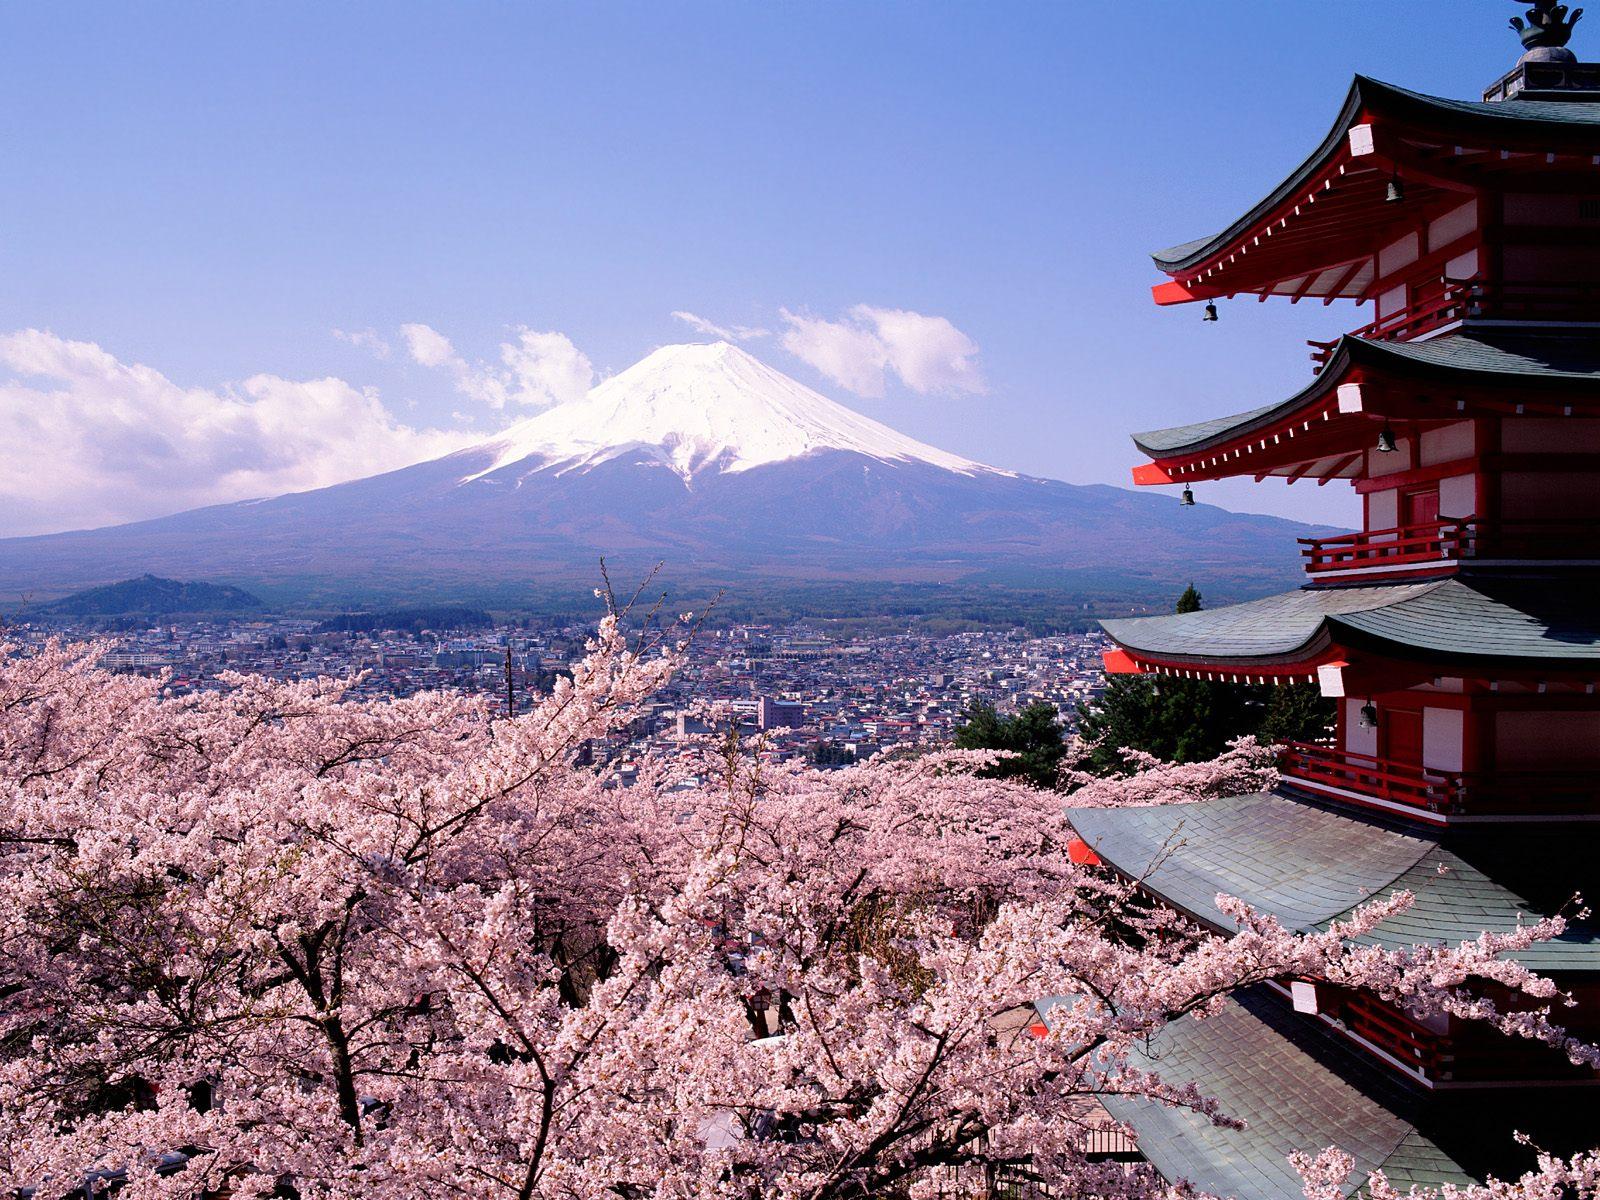 http://2.bp.blogspot.com/-y9LIlJjHJKM/TYGAD-snRdI/AAAAAAAAAVU/yoRrqC2Vi5w/s1600/mt.fuji.jpg